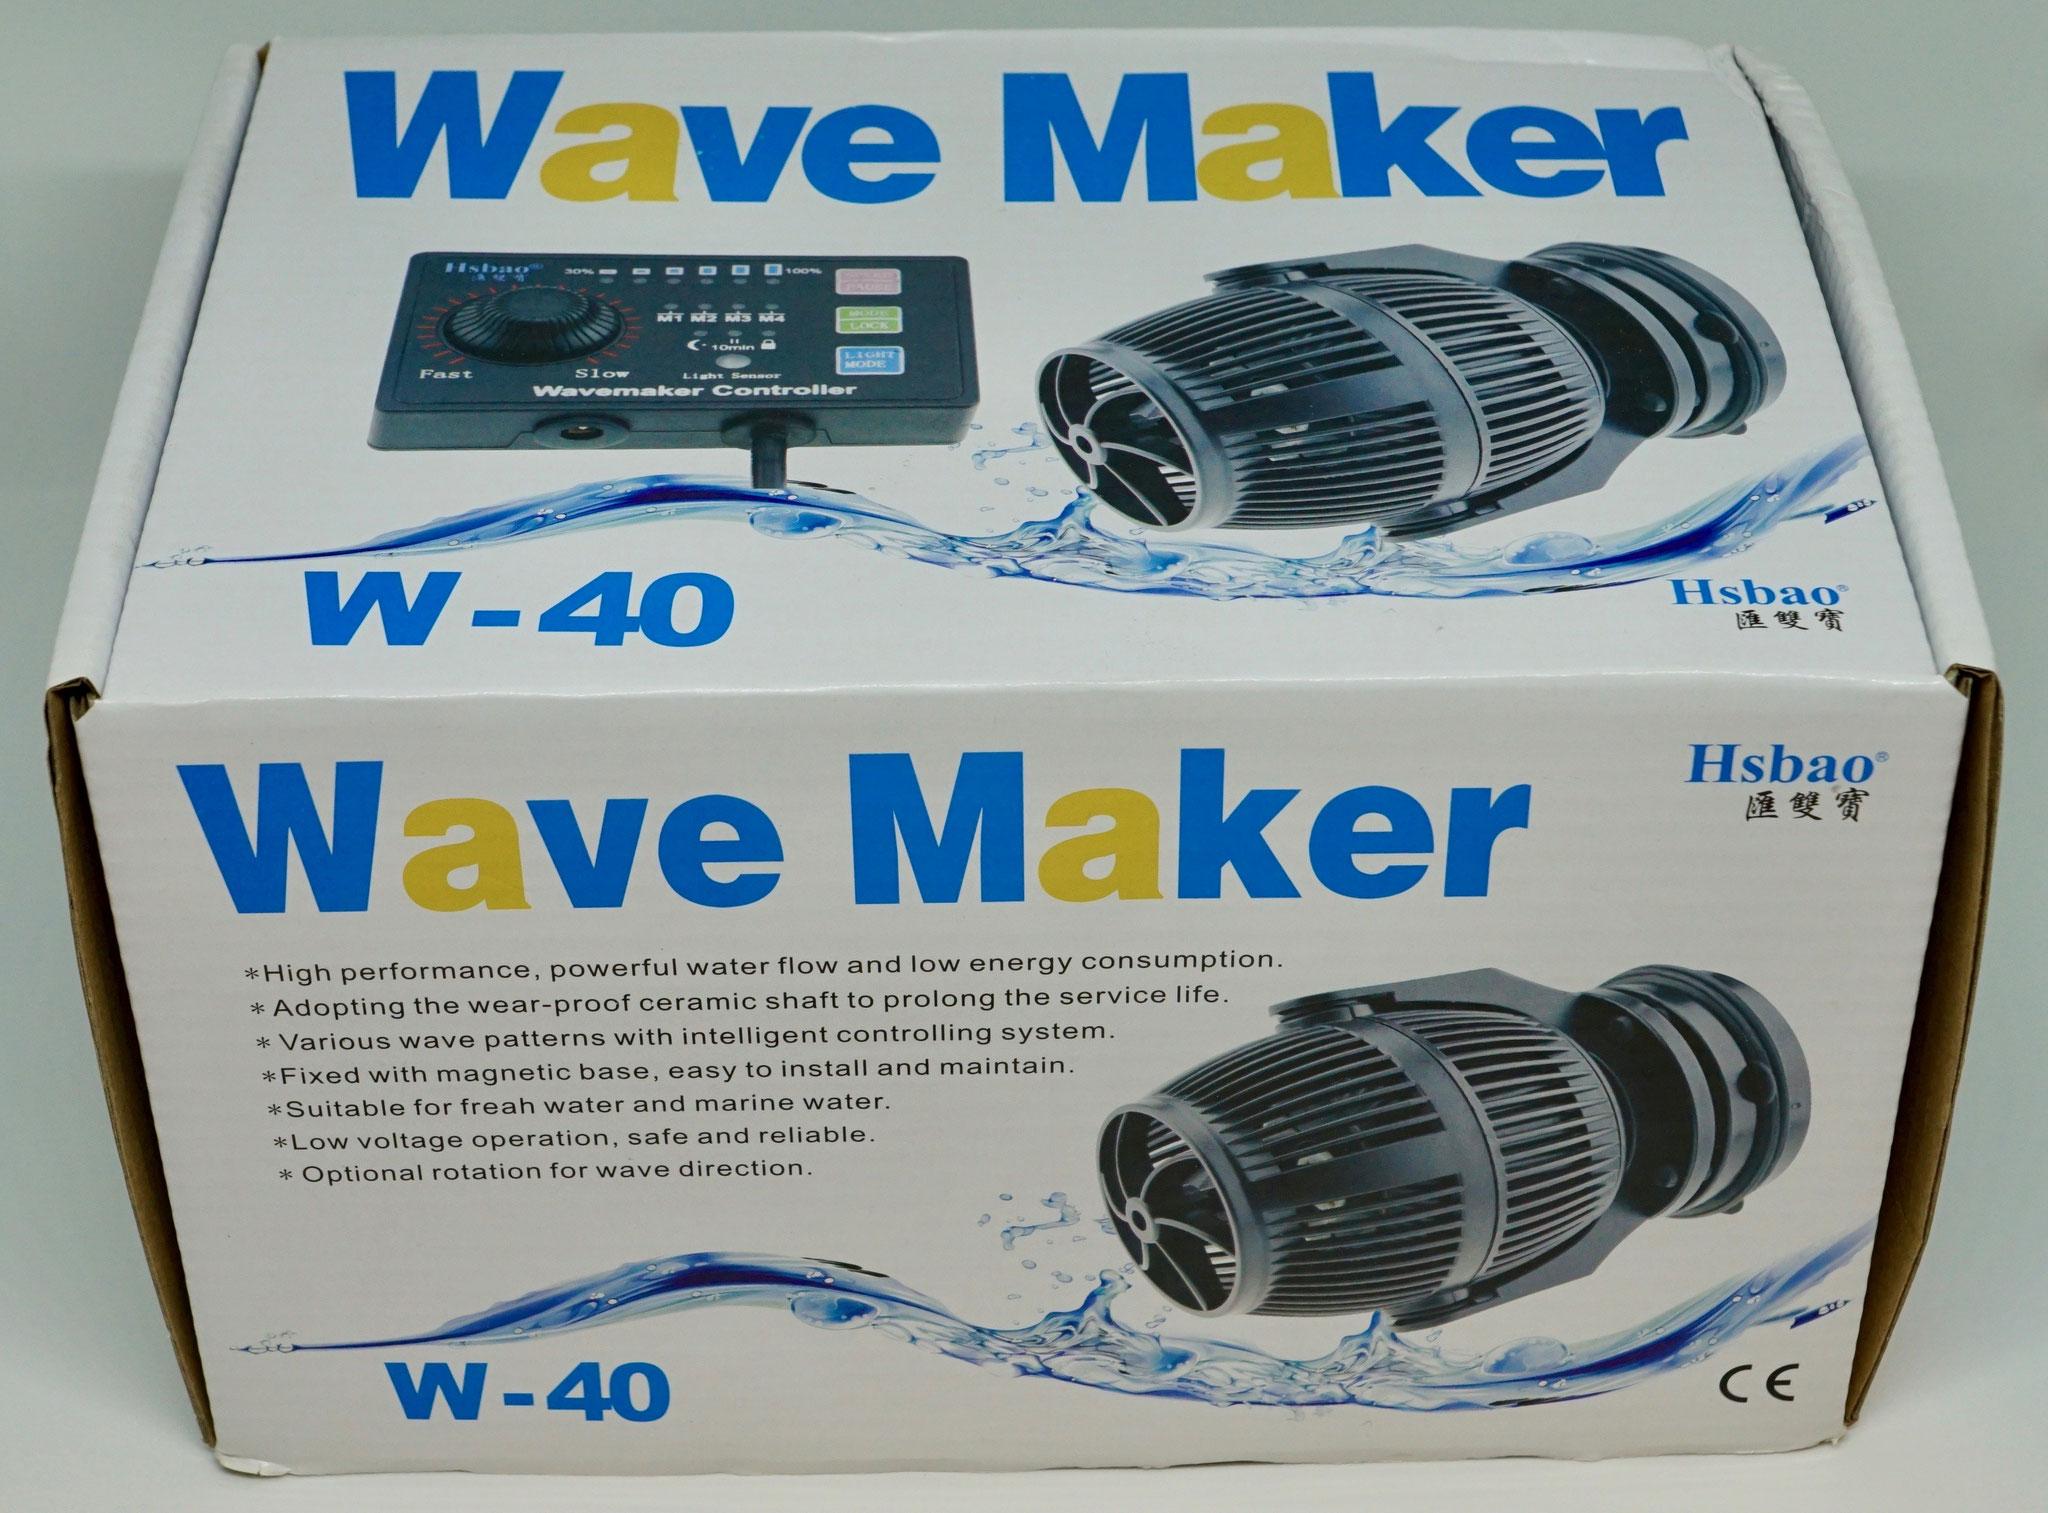 Pumps (water) Wave Maker W-40 Trustful Hsbao